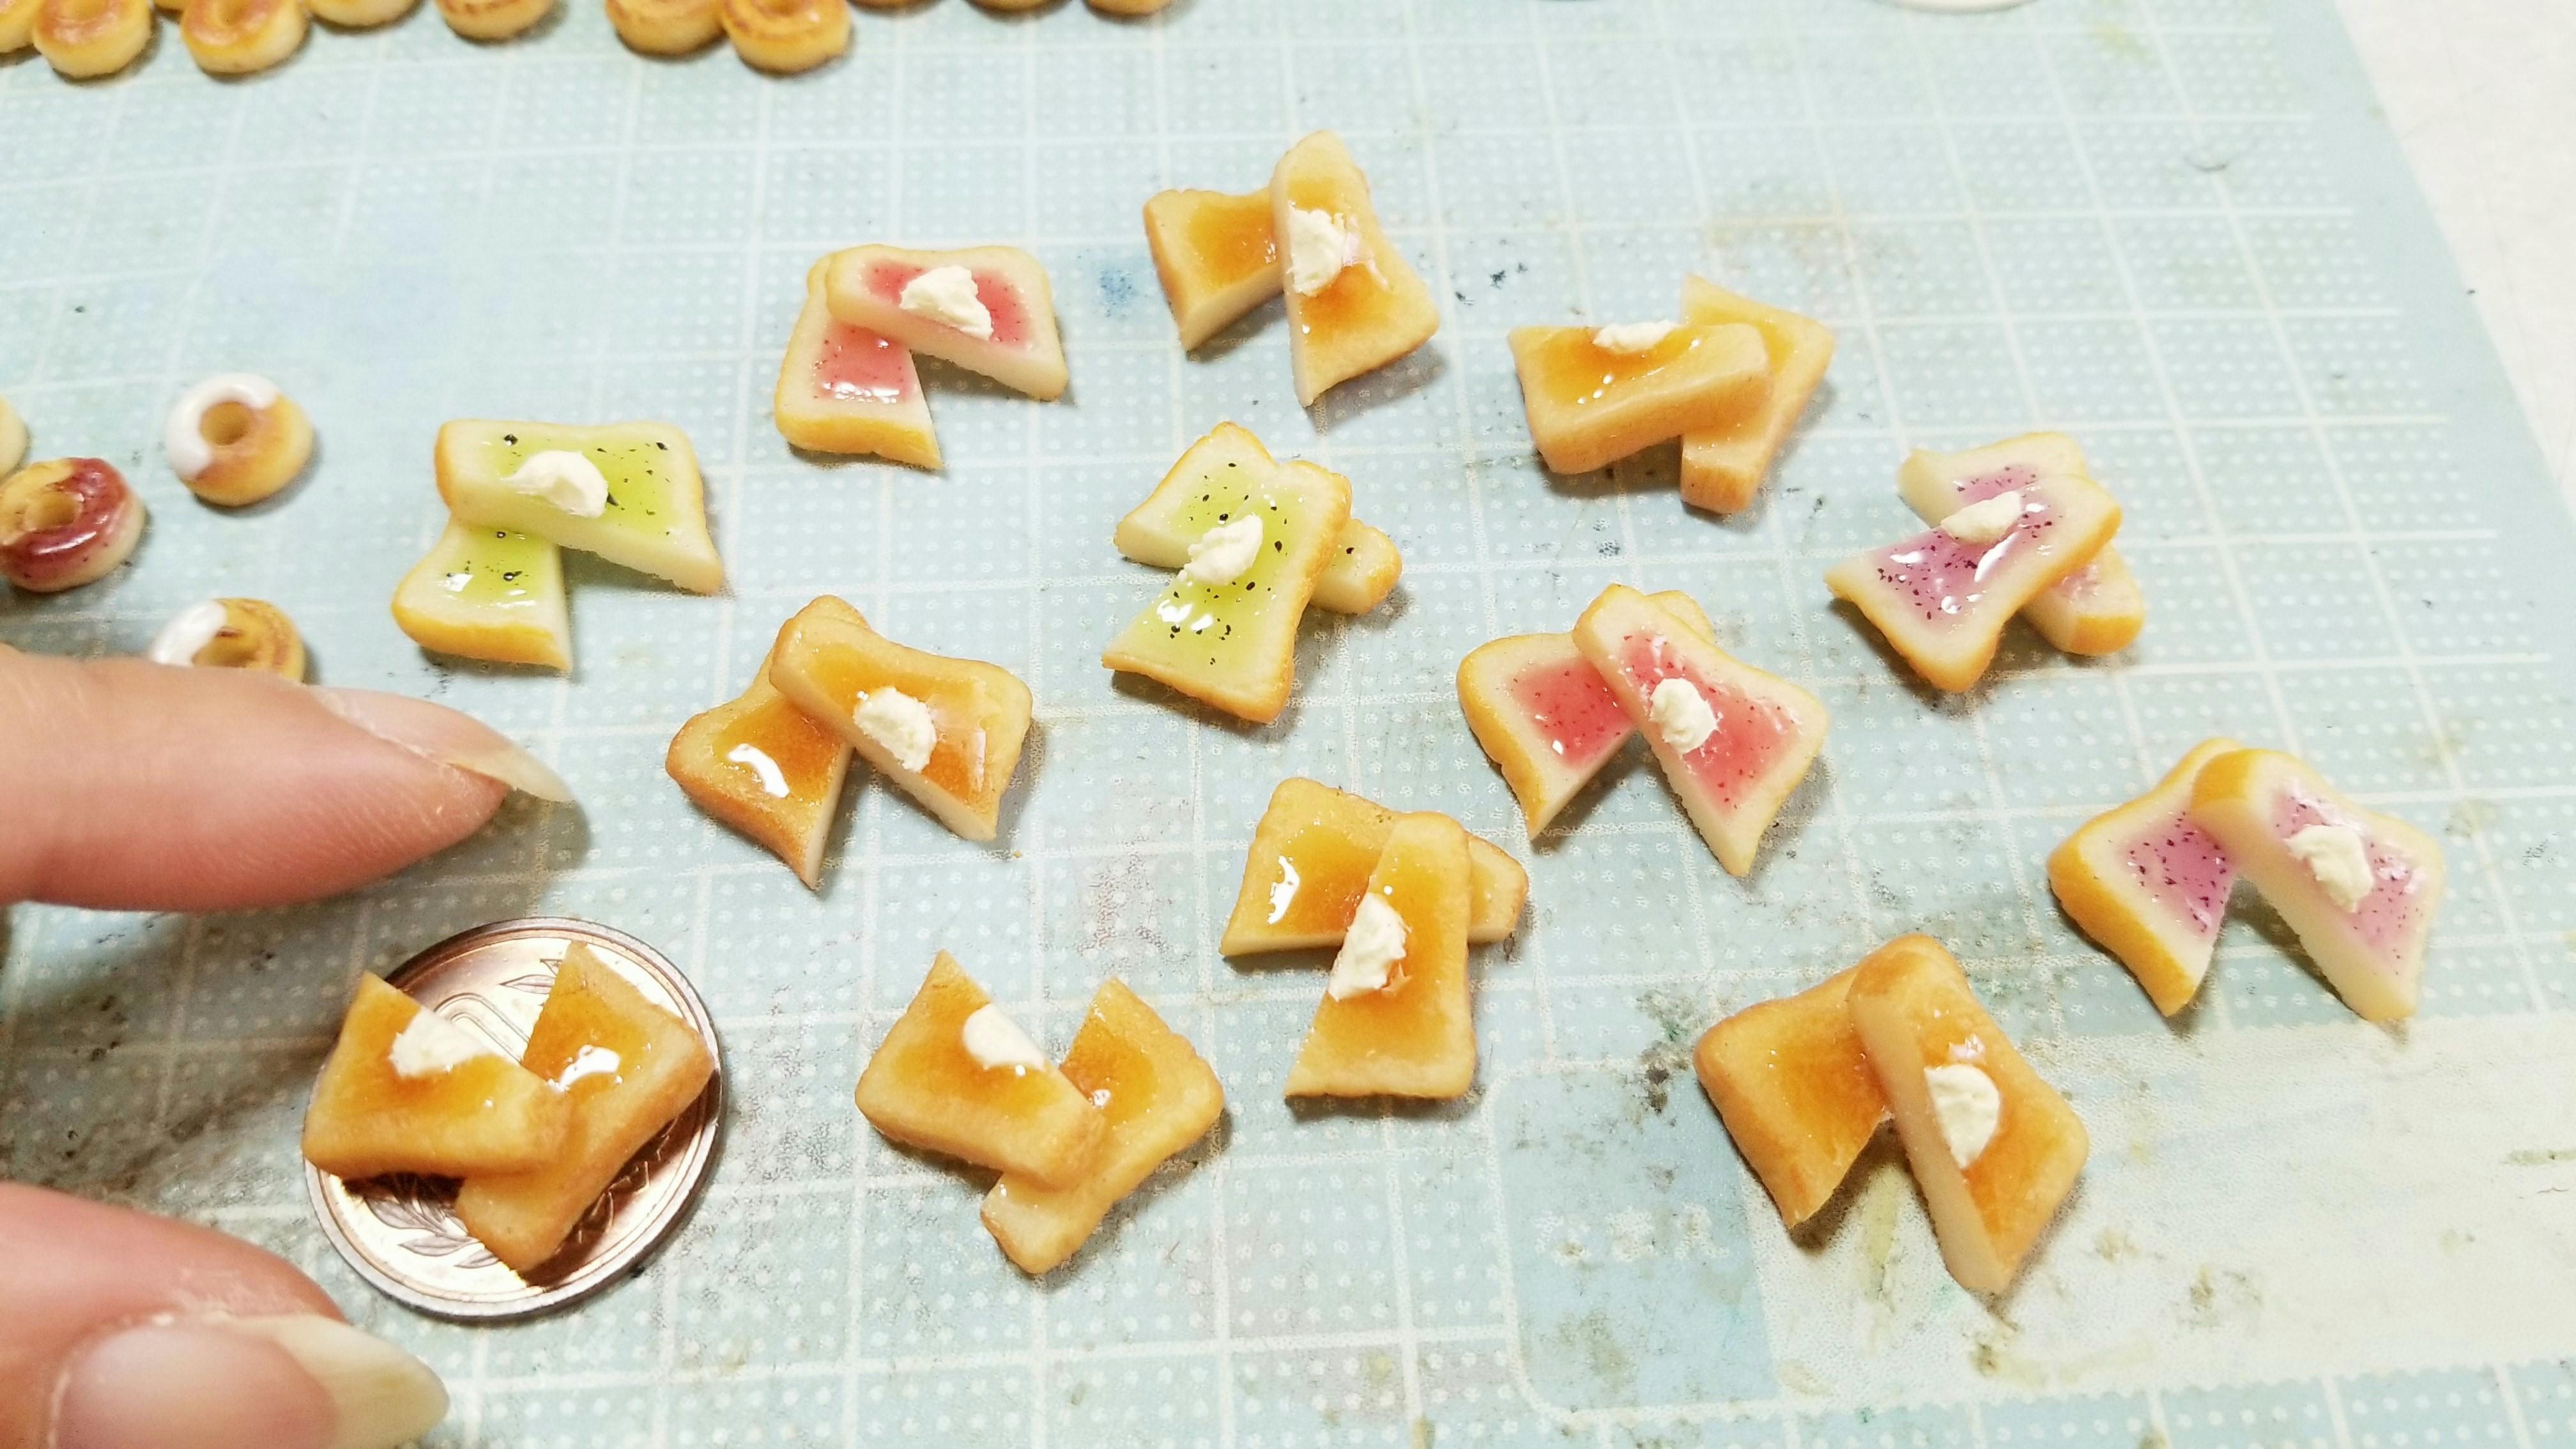 おすすめミンネ人気商品かわいいドール用品小物シルバニアファミリー